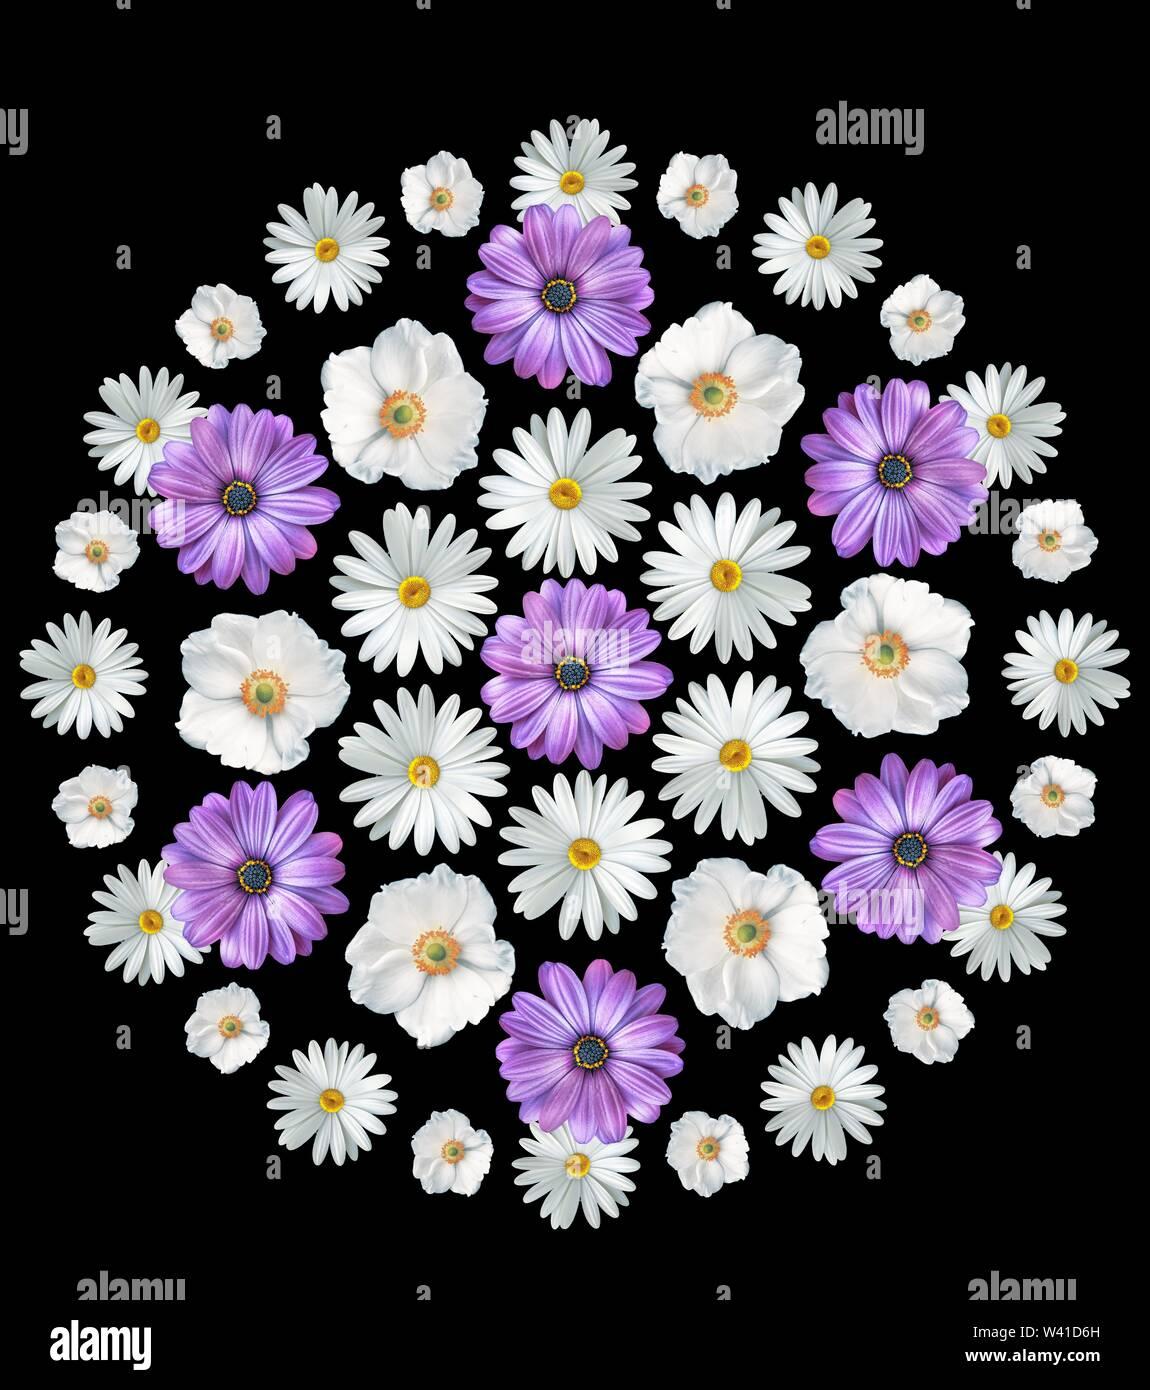 Bouquet de flores de verano abstracto sobre fondo blanco. Imprimir. Chamomiles, cosmos flores y violetas Imagen De Stock